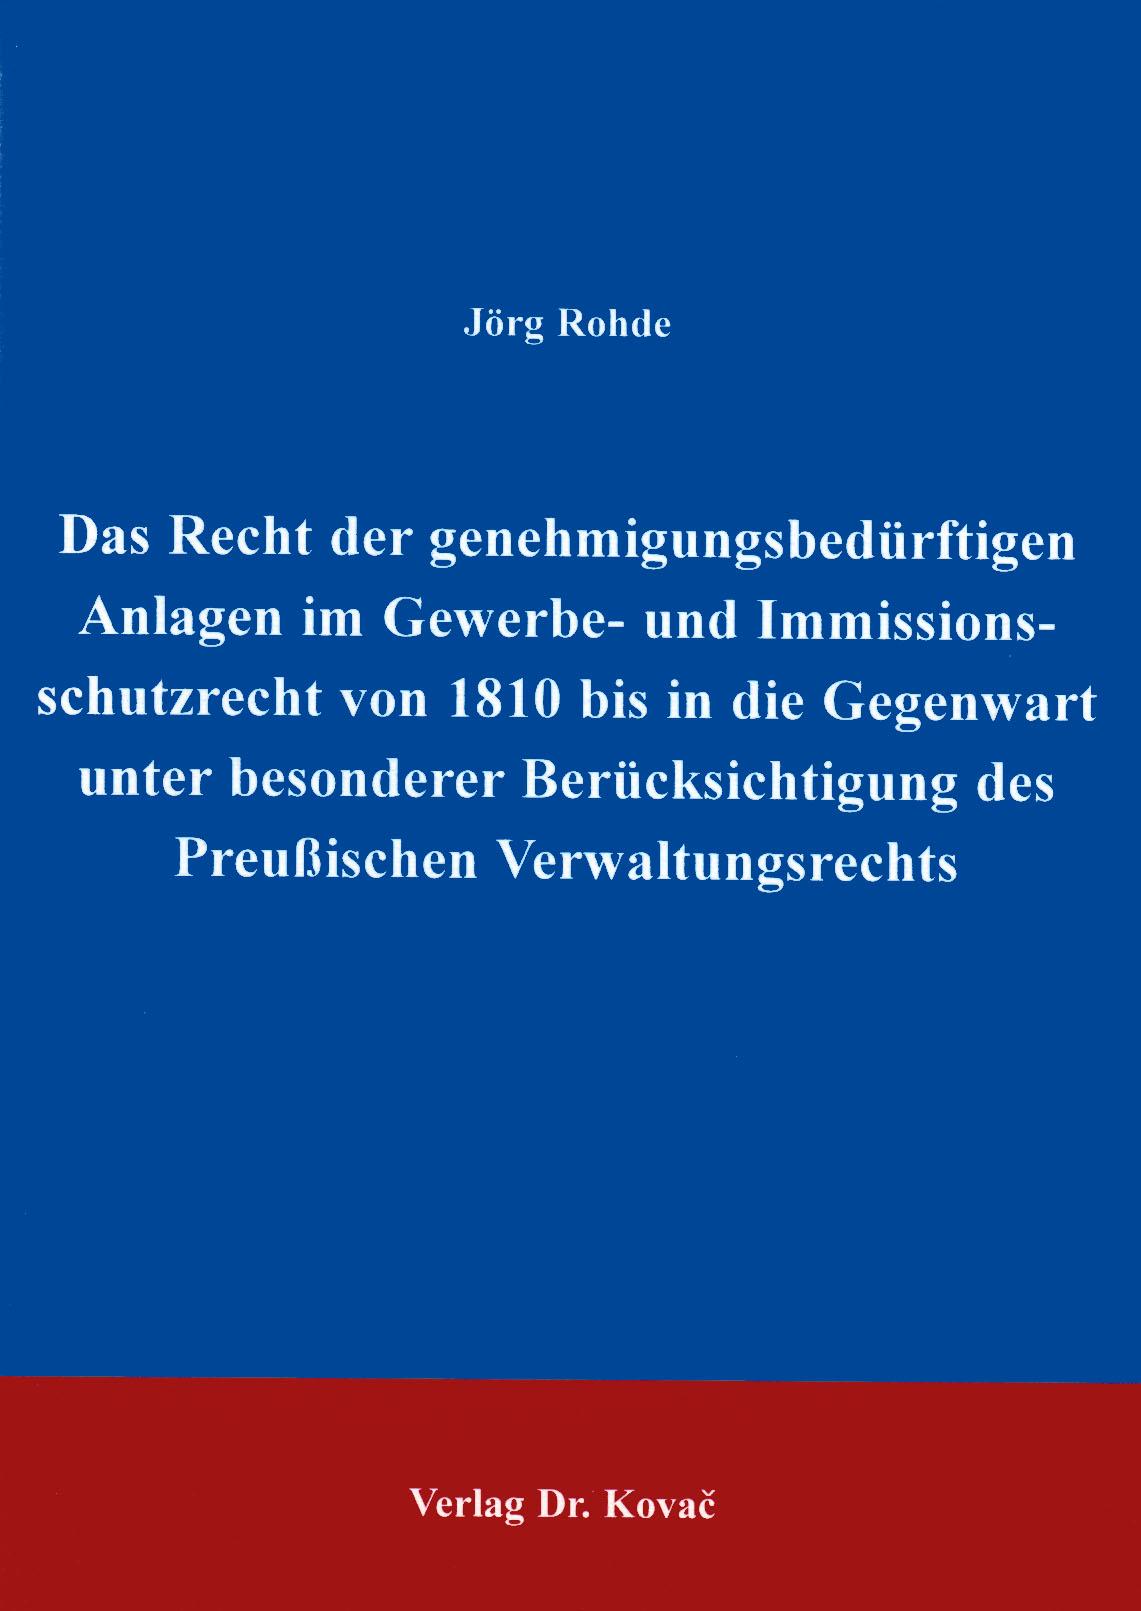 Cover: Das Recht der genehmigungsbedürftigen Anlagen im Gewerbe- und Immissionsschutzrecht von 1810 bis in die Gegenwart unter besonderer Berücksichtigung des Preußischen Verwaltungsrechtes